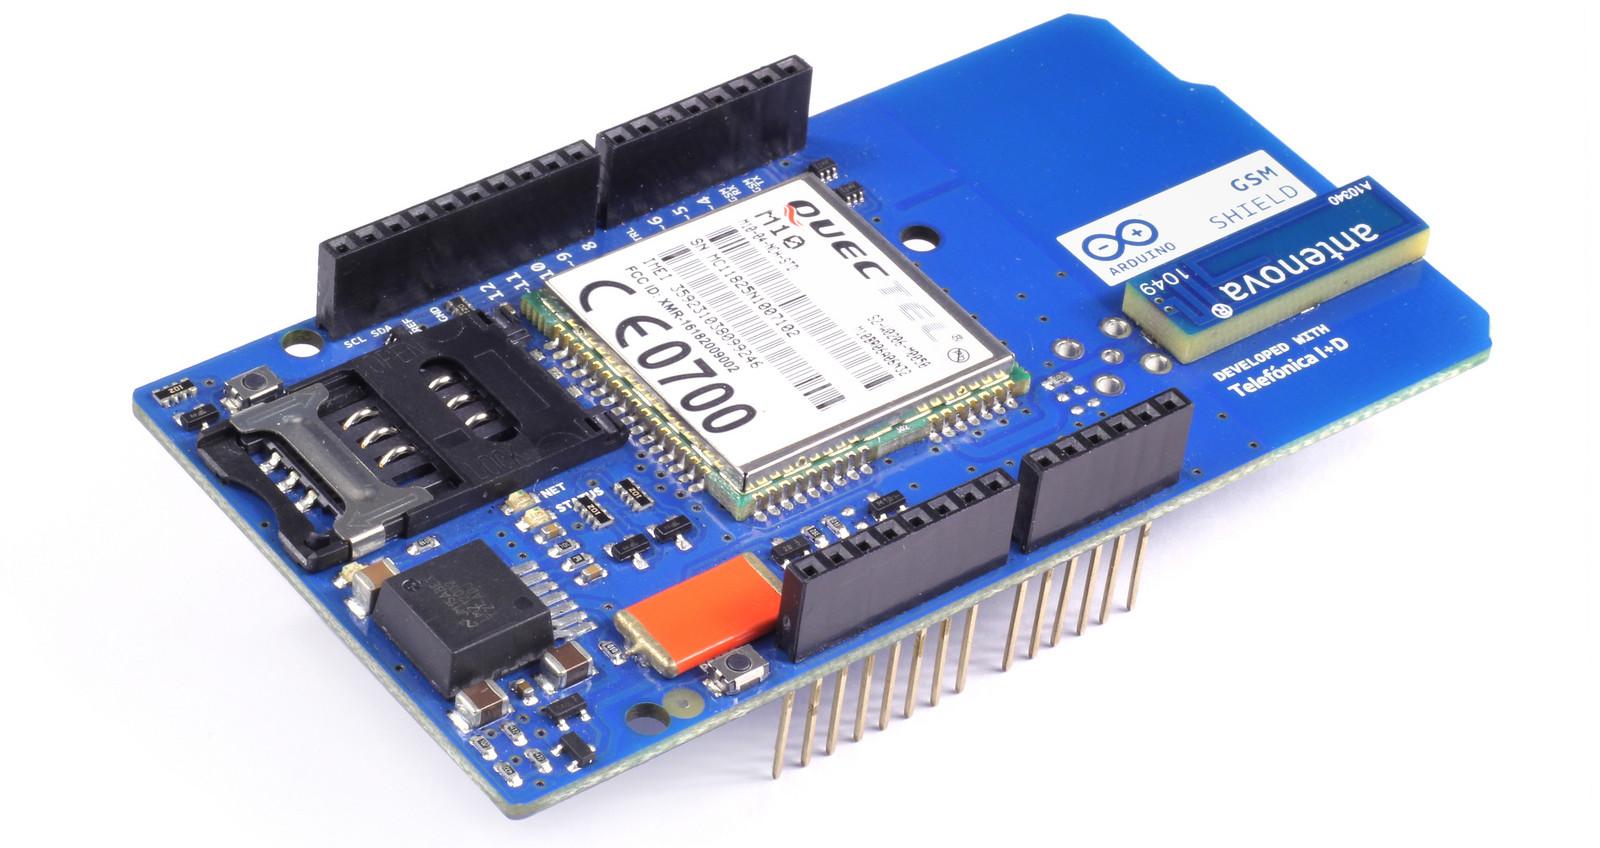 crisstel.ro Arduino GSM Shield Internet SMS apel voce Shield-ul Arduino GSM permite unei placi Arduino să se conecteze la rețeaua de Internet să trimită sau să primească mesaje SMS și să realizeze apeluri de voce În acest tutorial vei descoperi cum se realizează un apel de voce și cum se transmite un SMS utilizând un shield Arduino GSM • Un alimentator extern pentru Arduino (9V @ 1A) • pinul 2 al shield-ului se indoaie deoarece nu trebuie sa fie conectat cu placa Arduino •